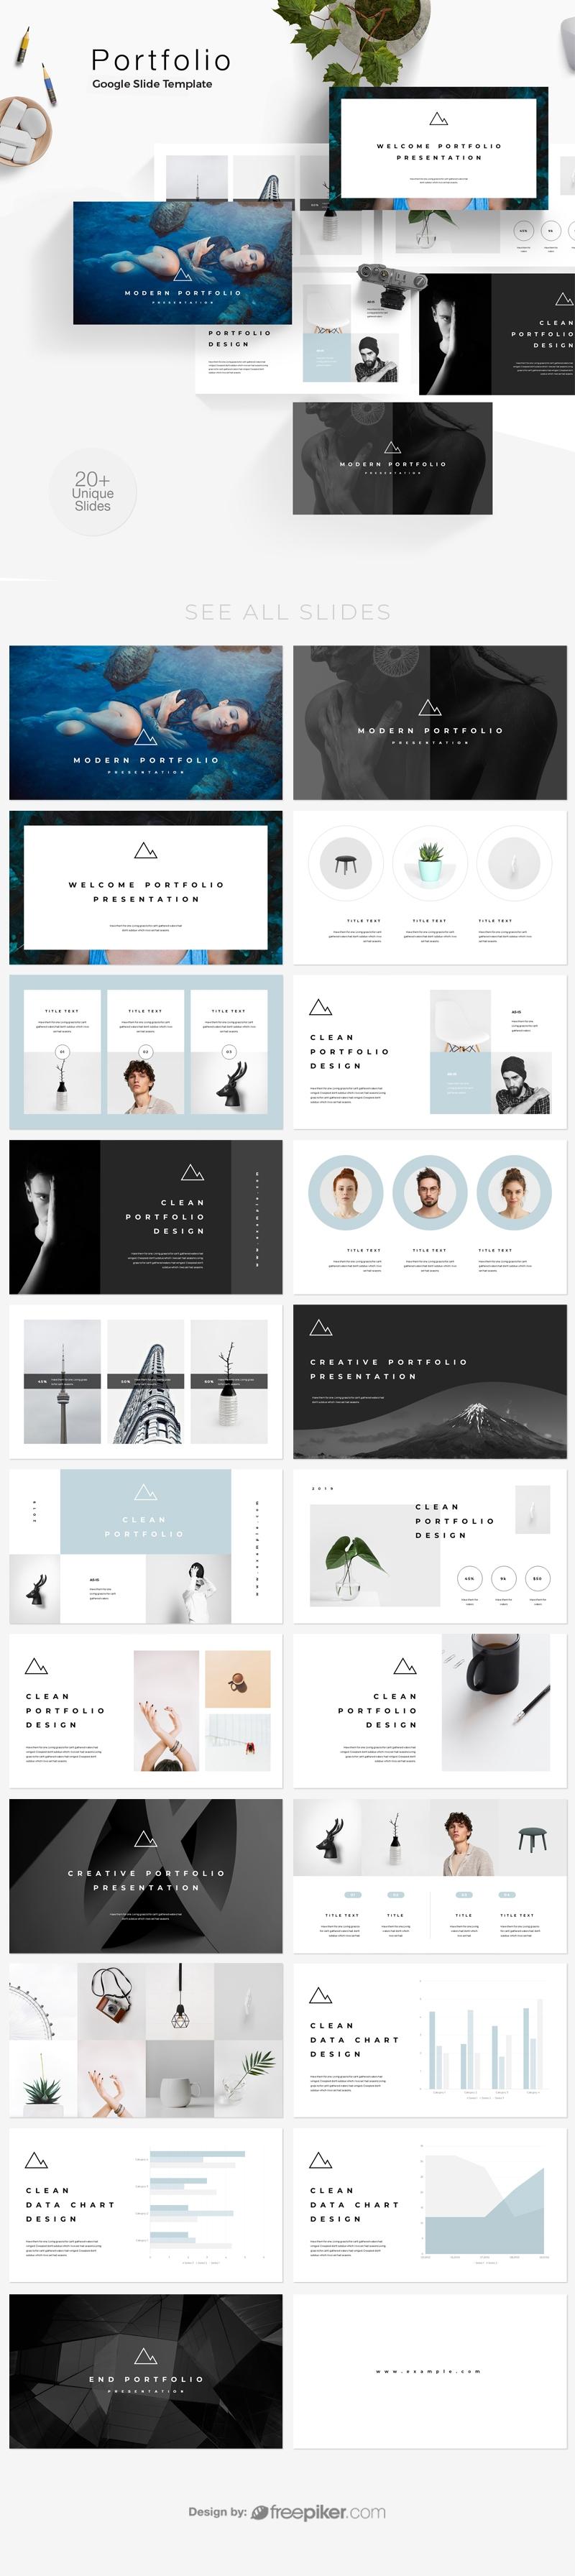 freepiker portfolio photography google slide template. Black Bedroom Furniture Sets. Home Design Ideas